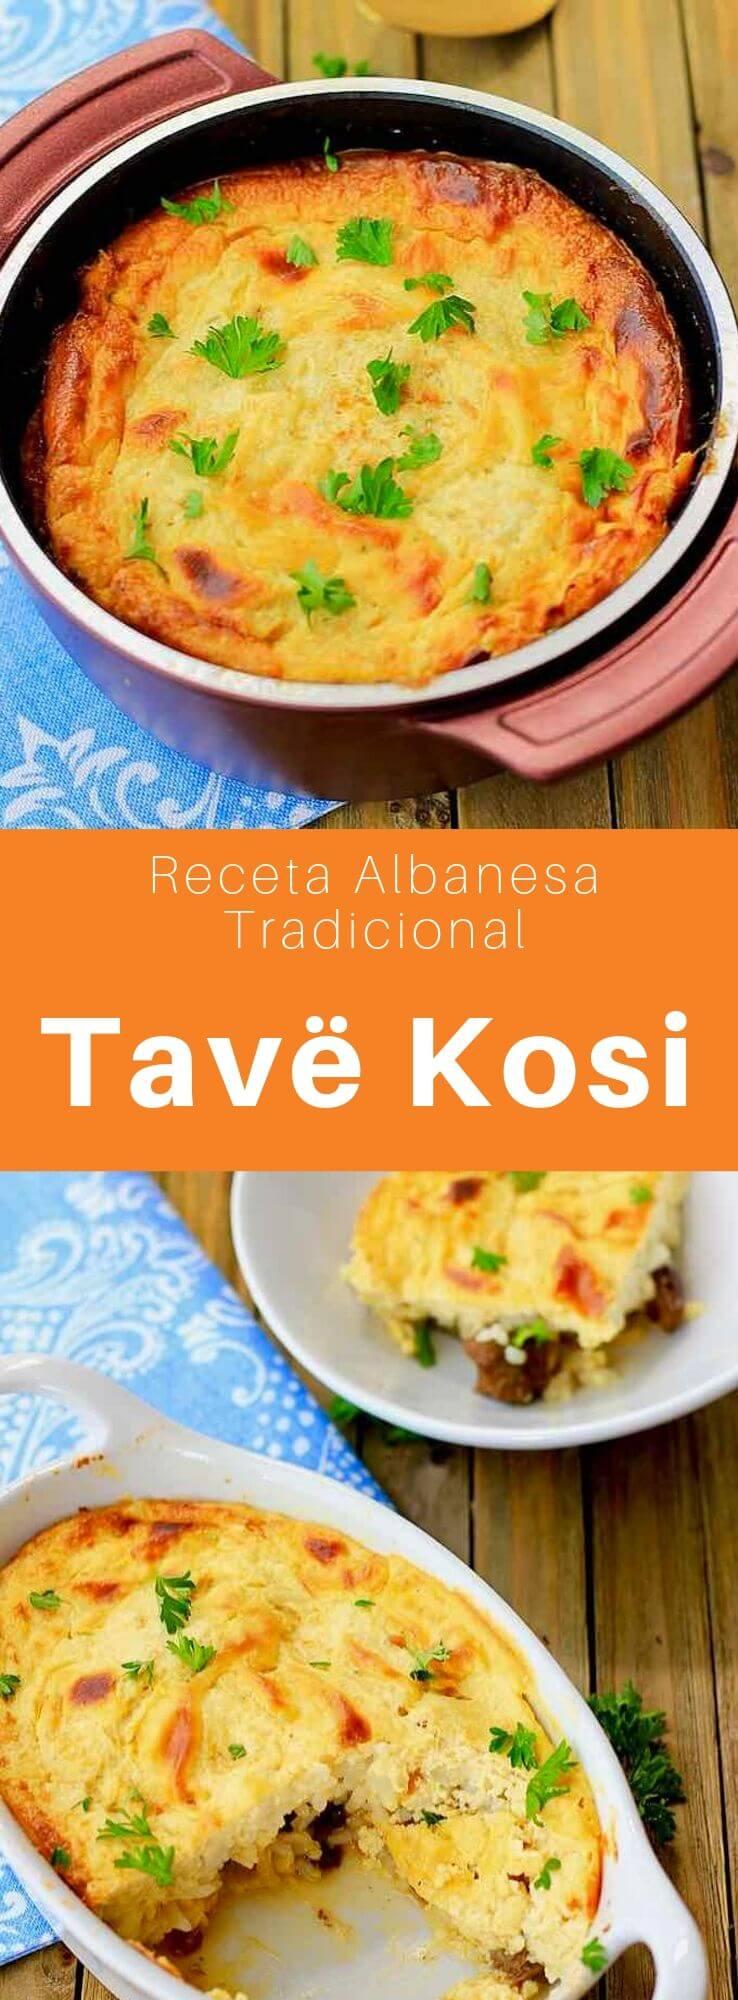 El tavë kosi (o Elbasan tava) es un plato tradicional albanés hecho con arroz y cordero al horno, también popular en Grecia y Turquía.